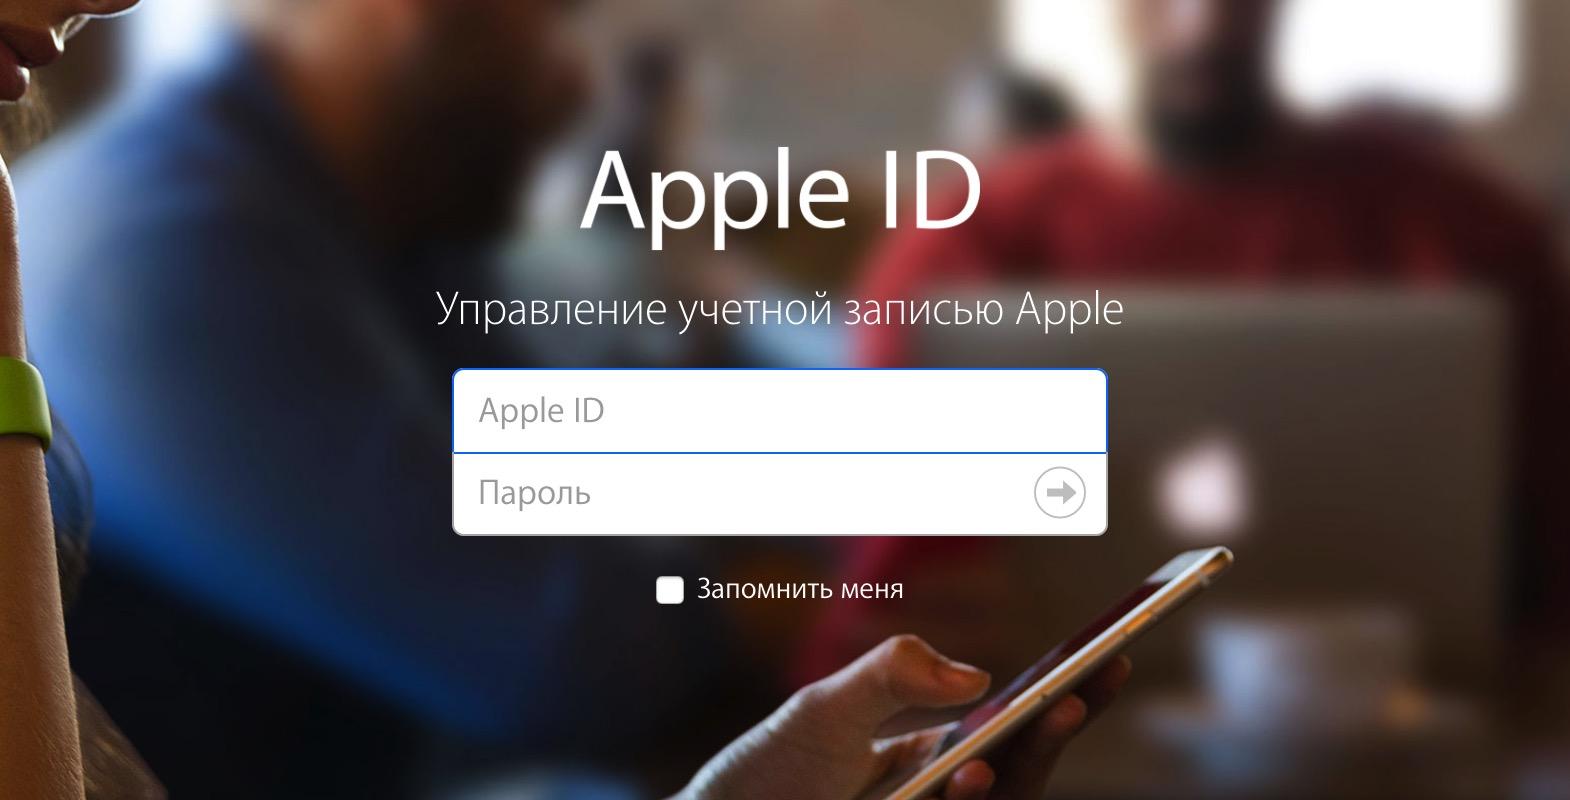 Как изменить имя учётной записи в Apple ID на iPhone, iPad и Mac